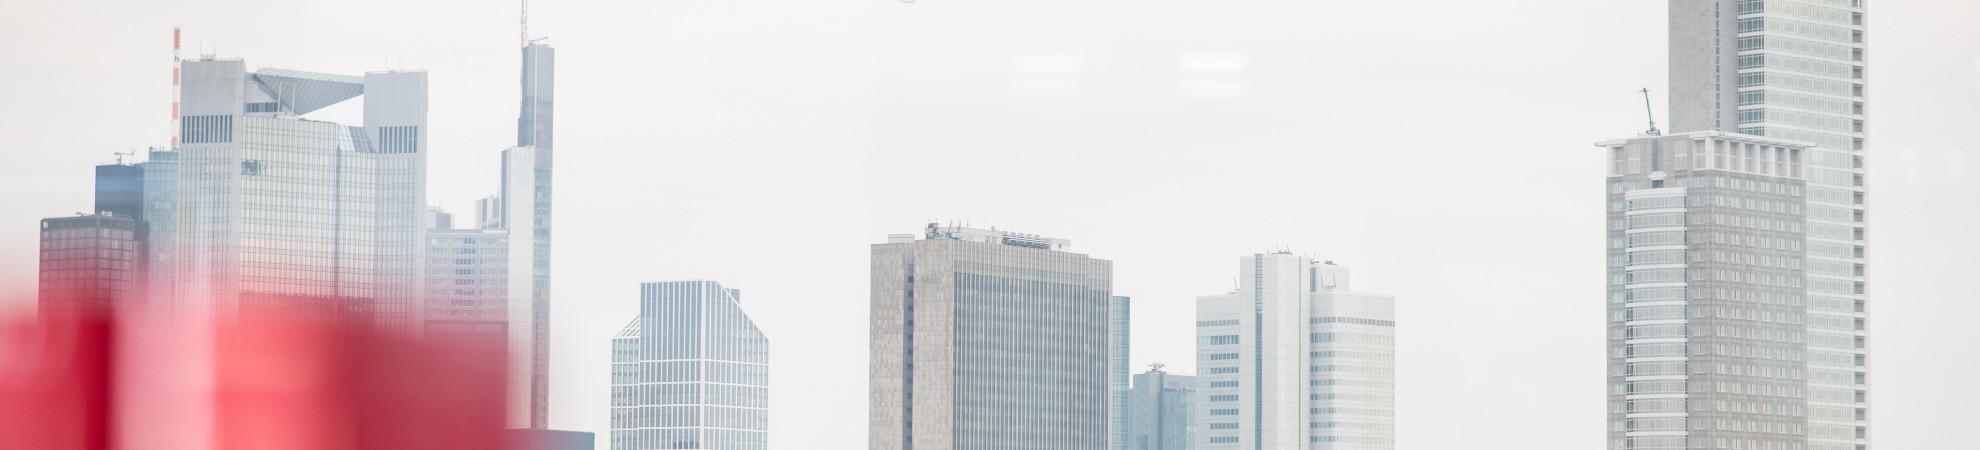 Ggv avocats rechtsanw lte cabinet sp cialiste en droit - Cabinet droit fiscal paris ...